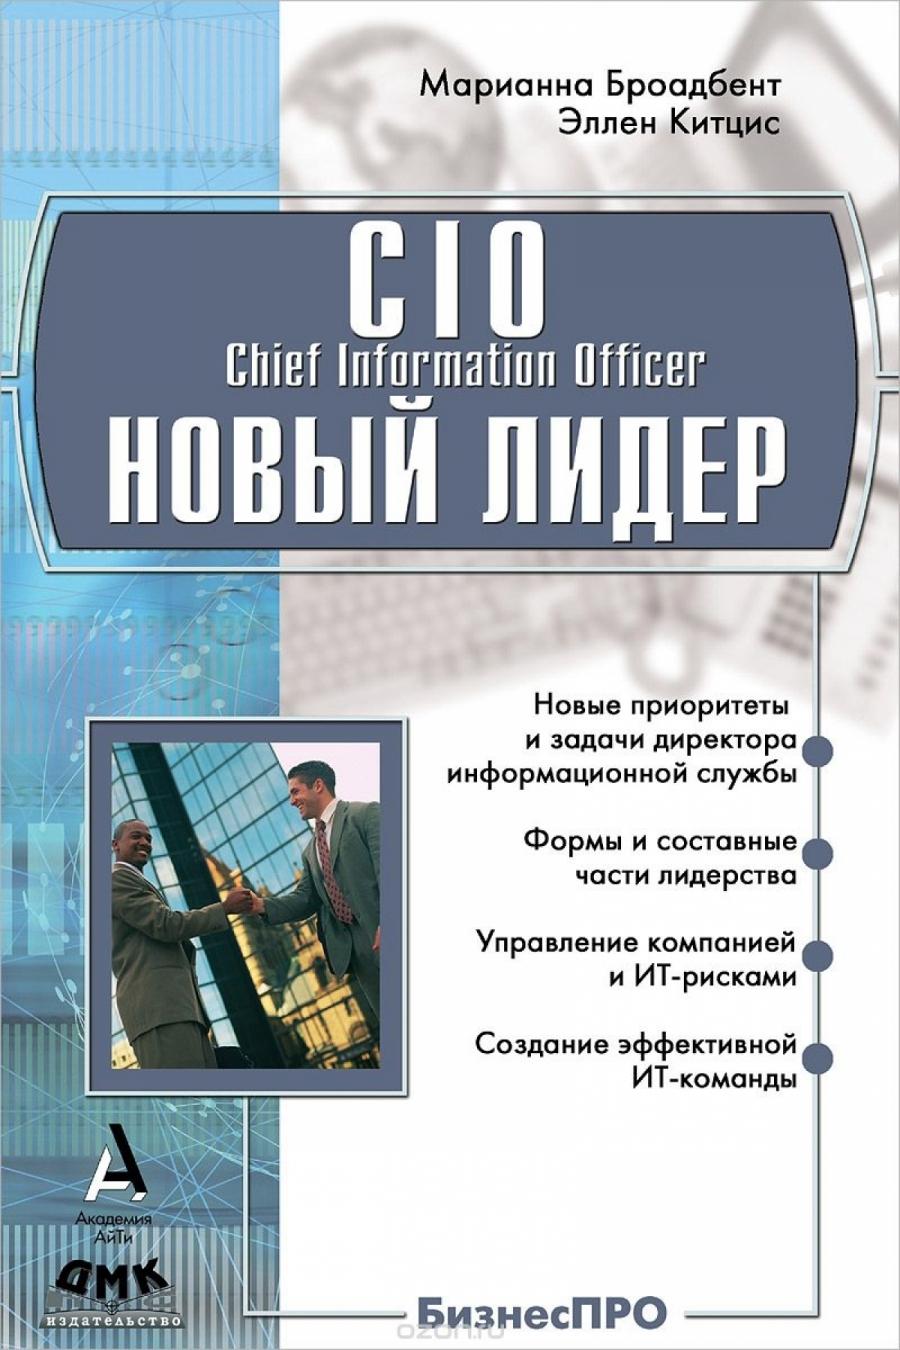 Обложка книги:  броадбент м. , китцис э. - новый лидер